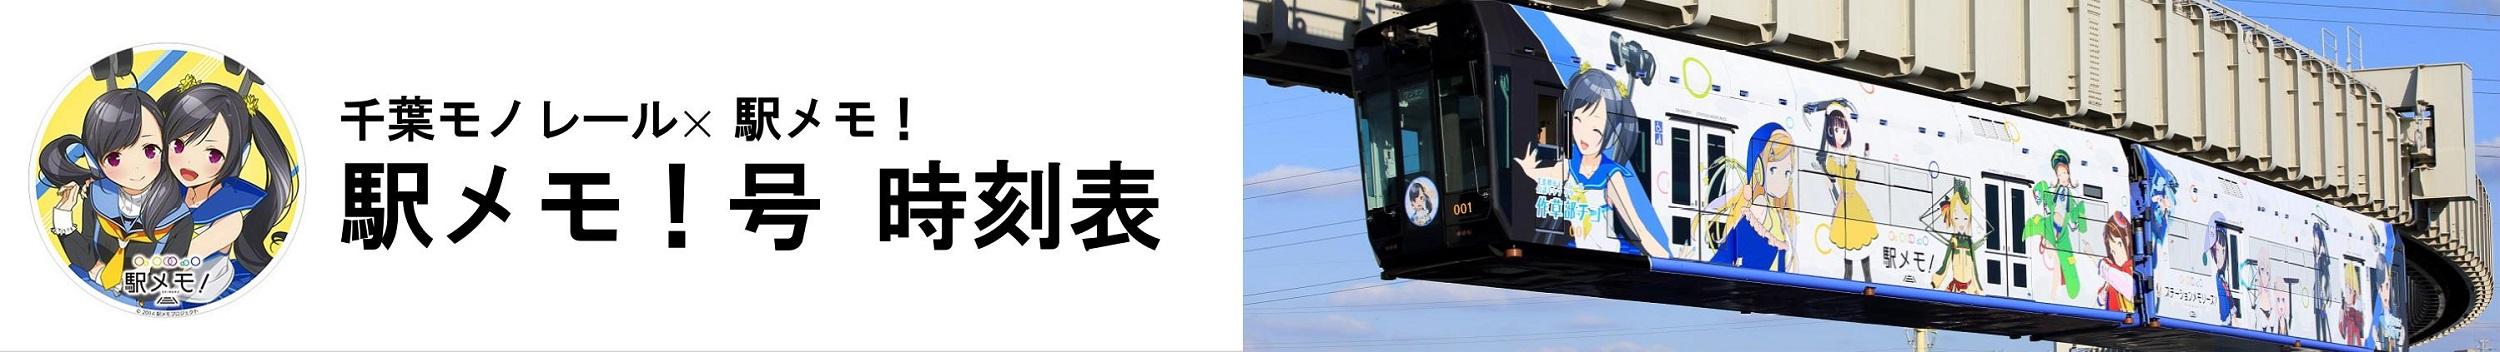 駅メモ!号 時刻表